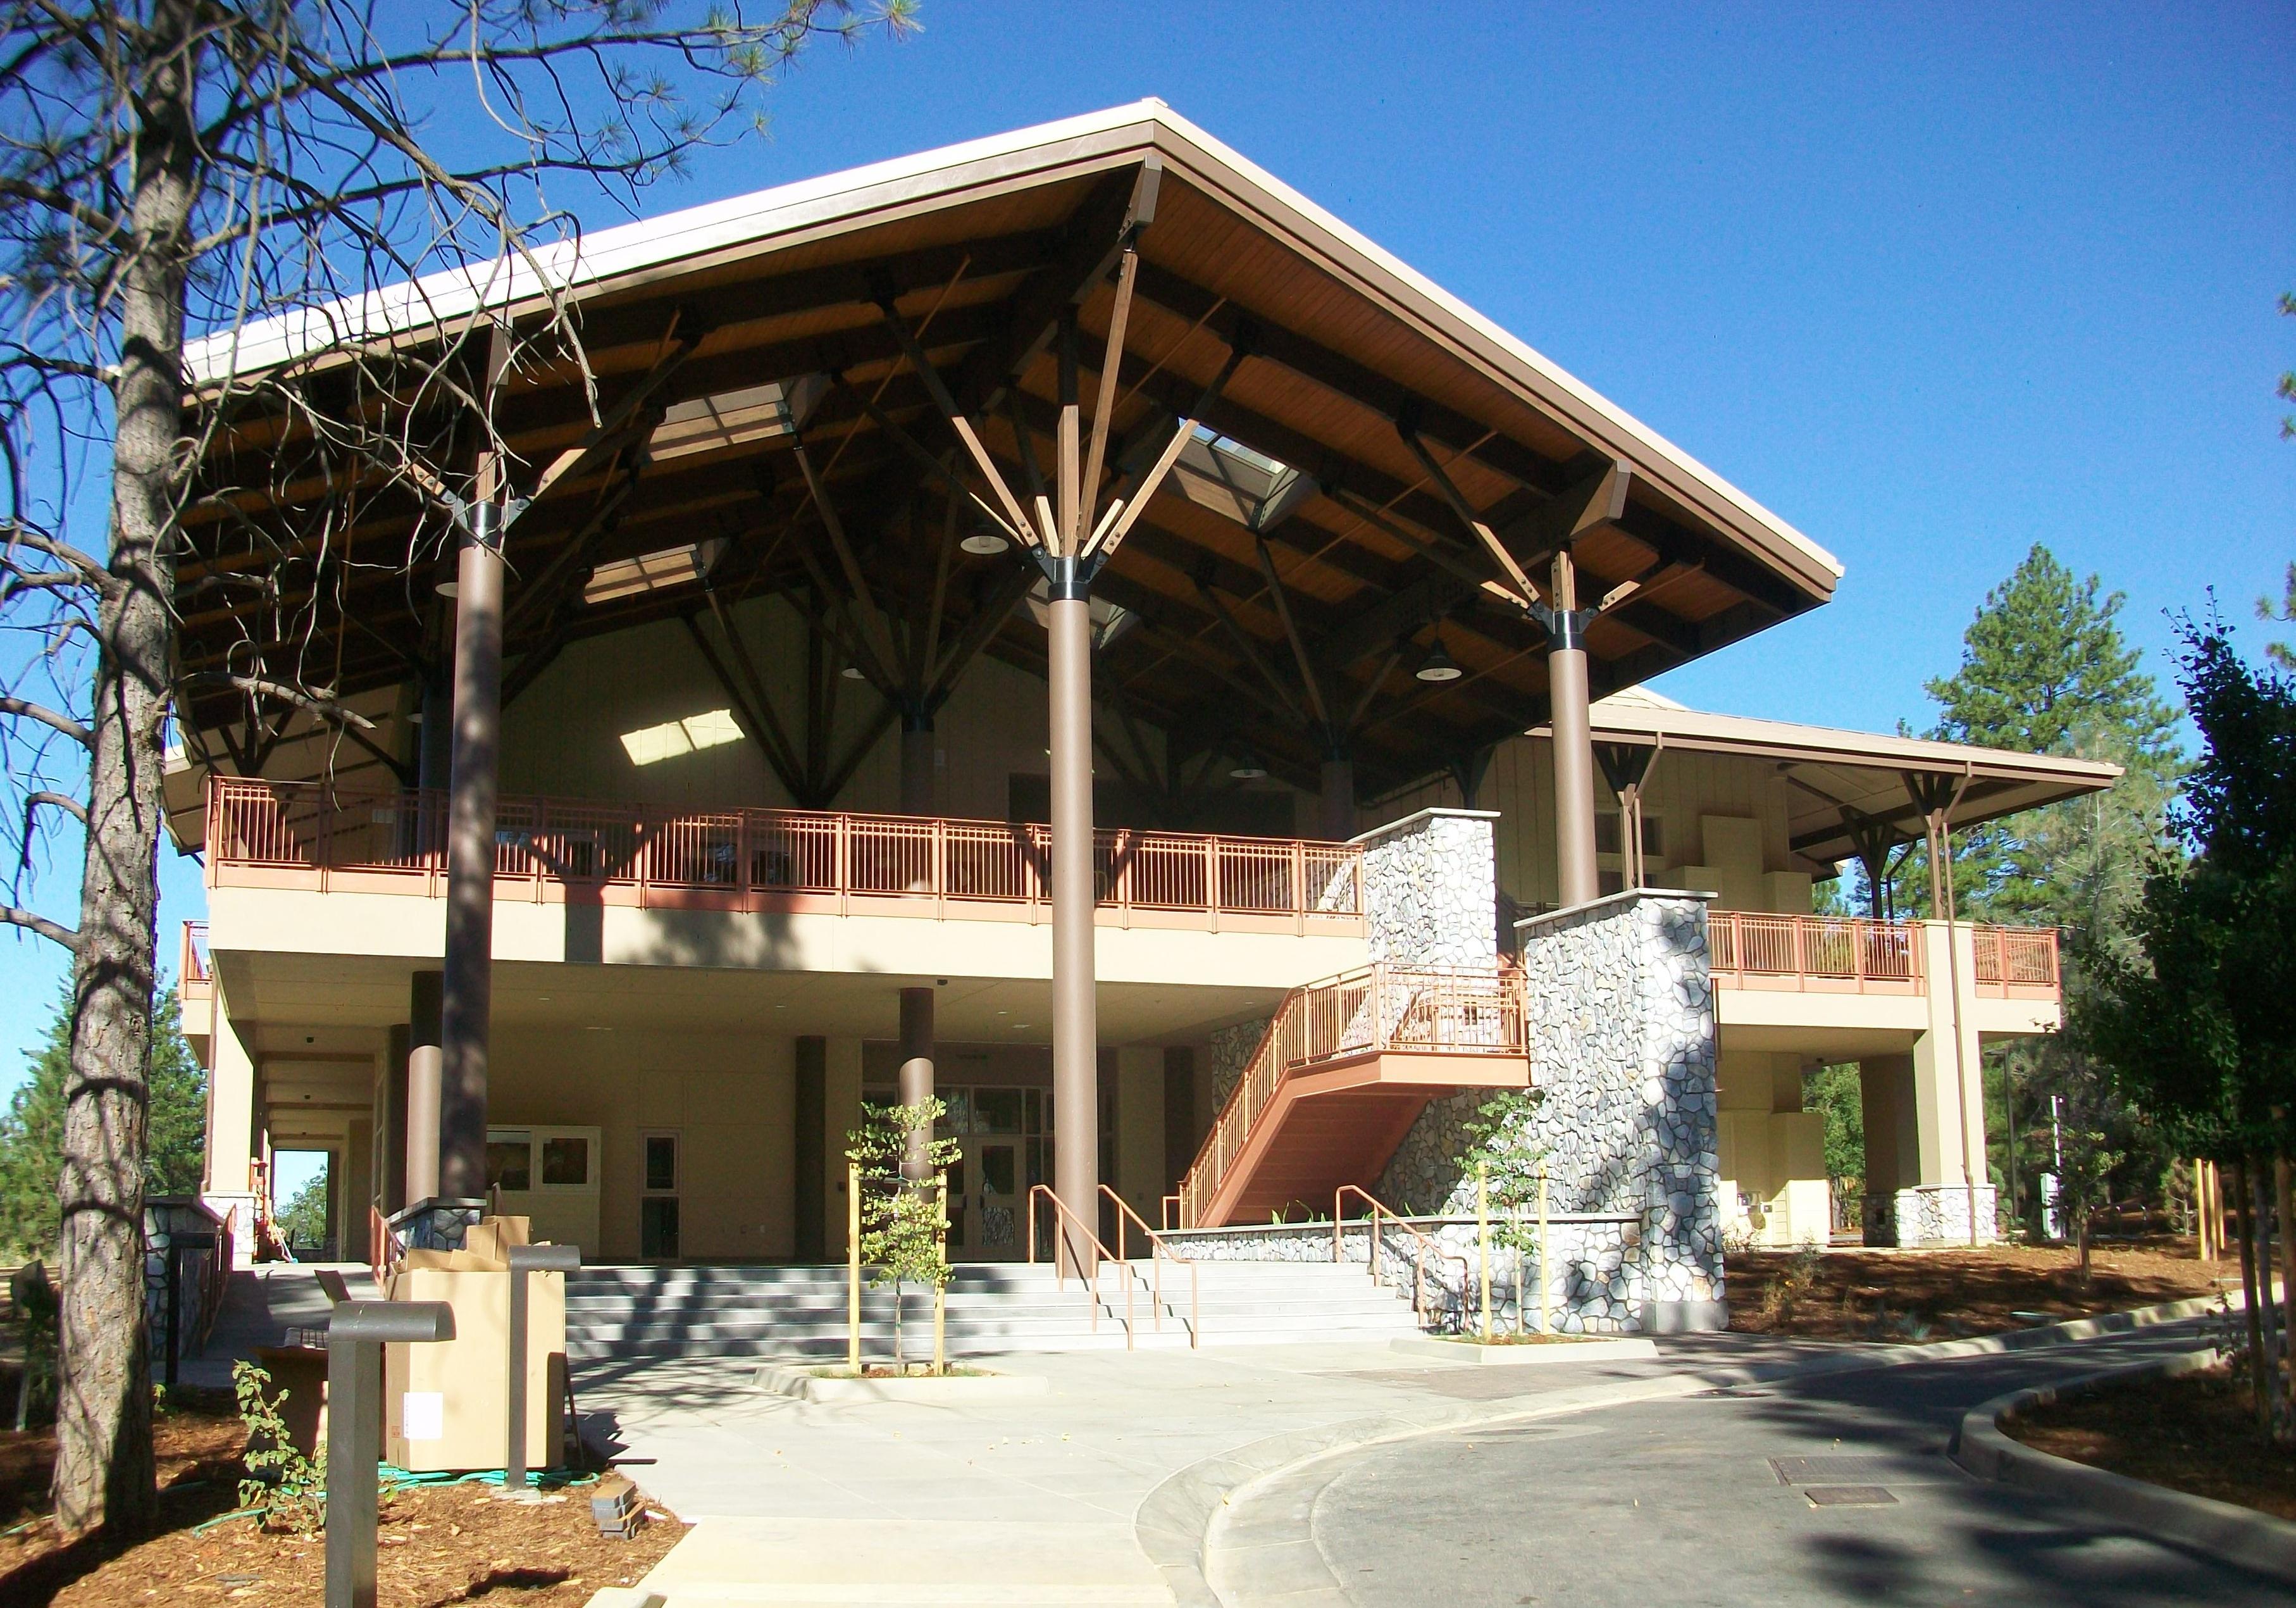 Sugar Pine Building